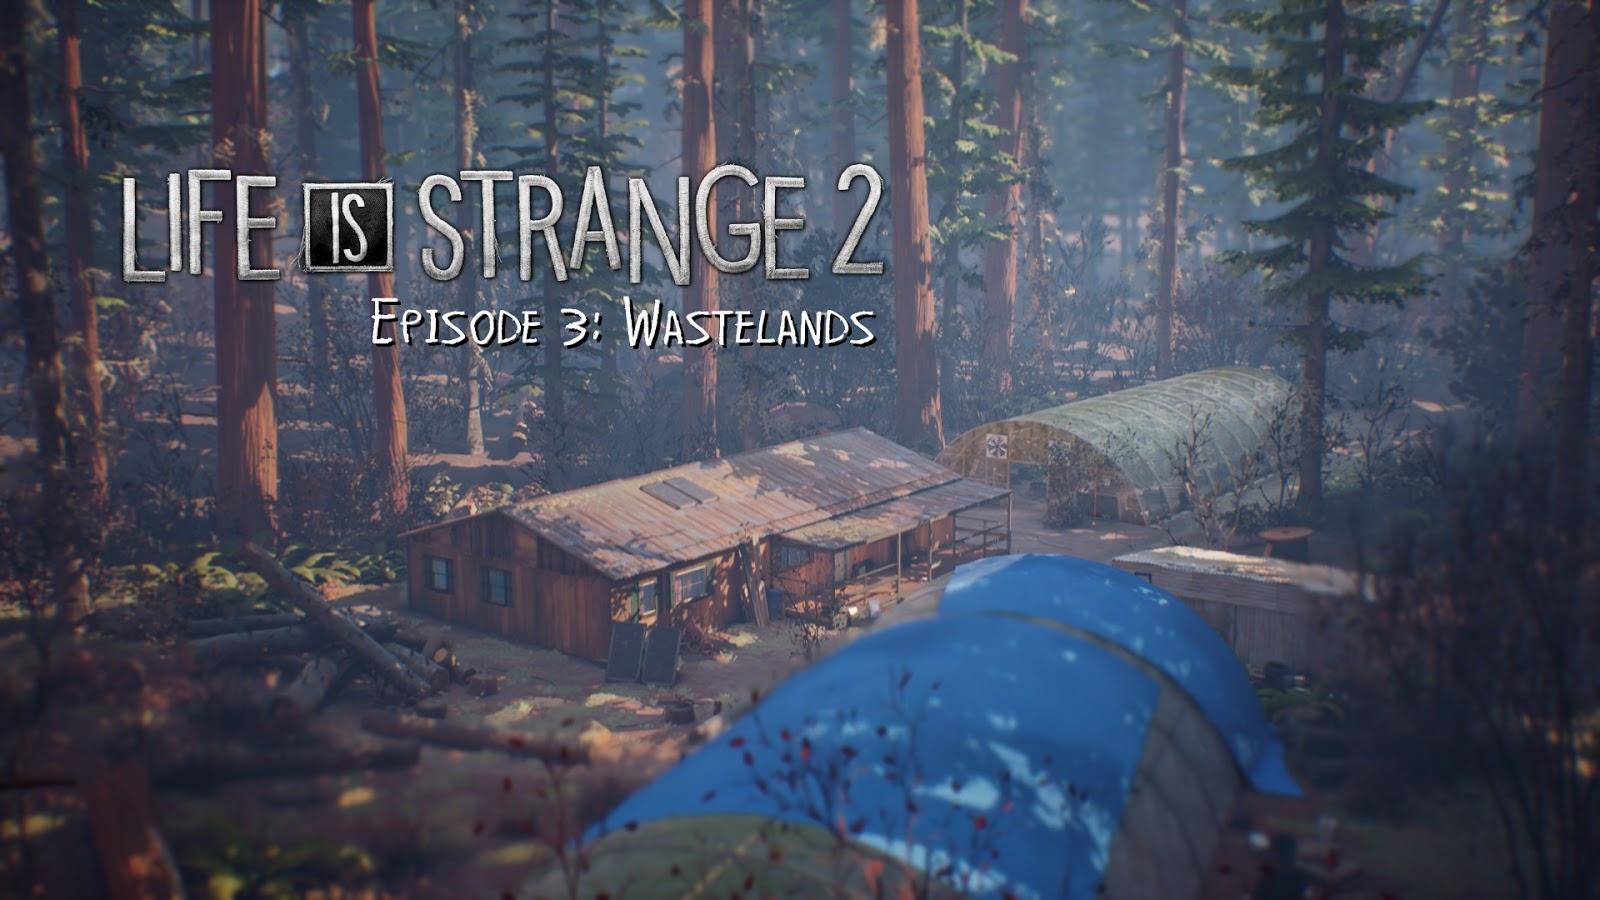 Life Is Strange 2 - Episode 3: Wastelands